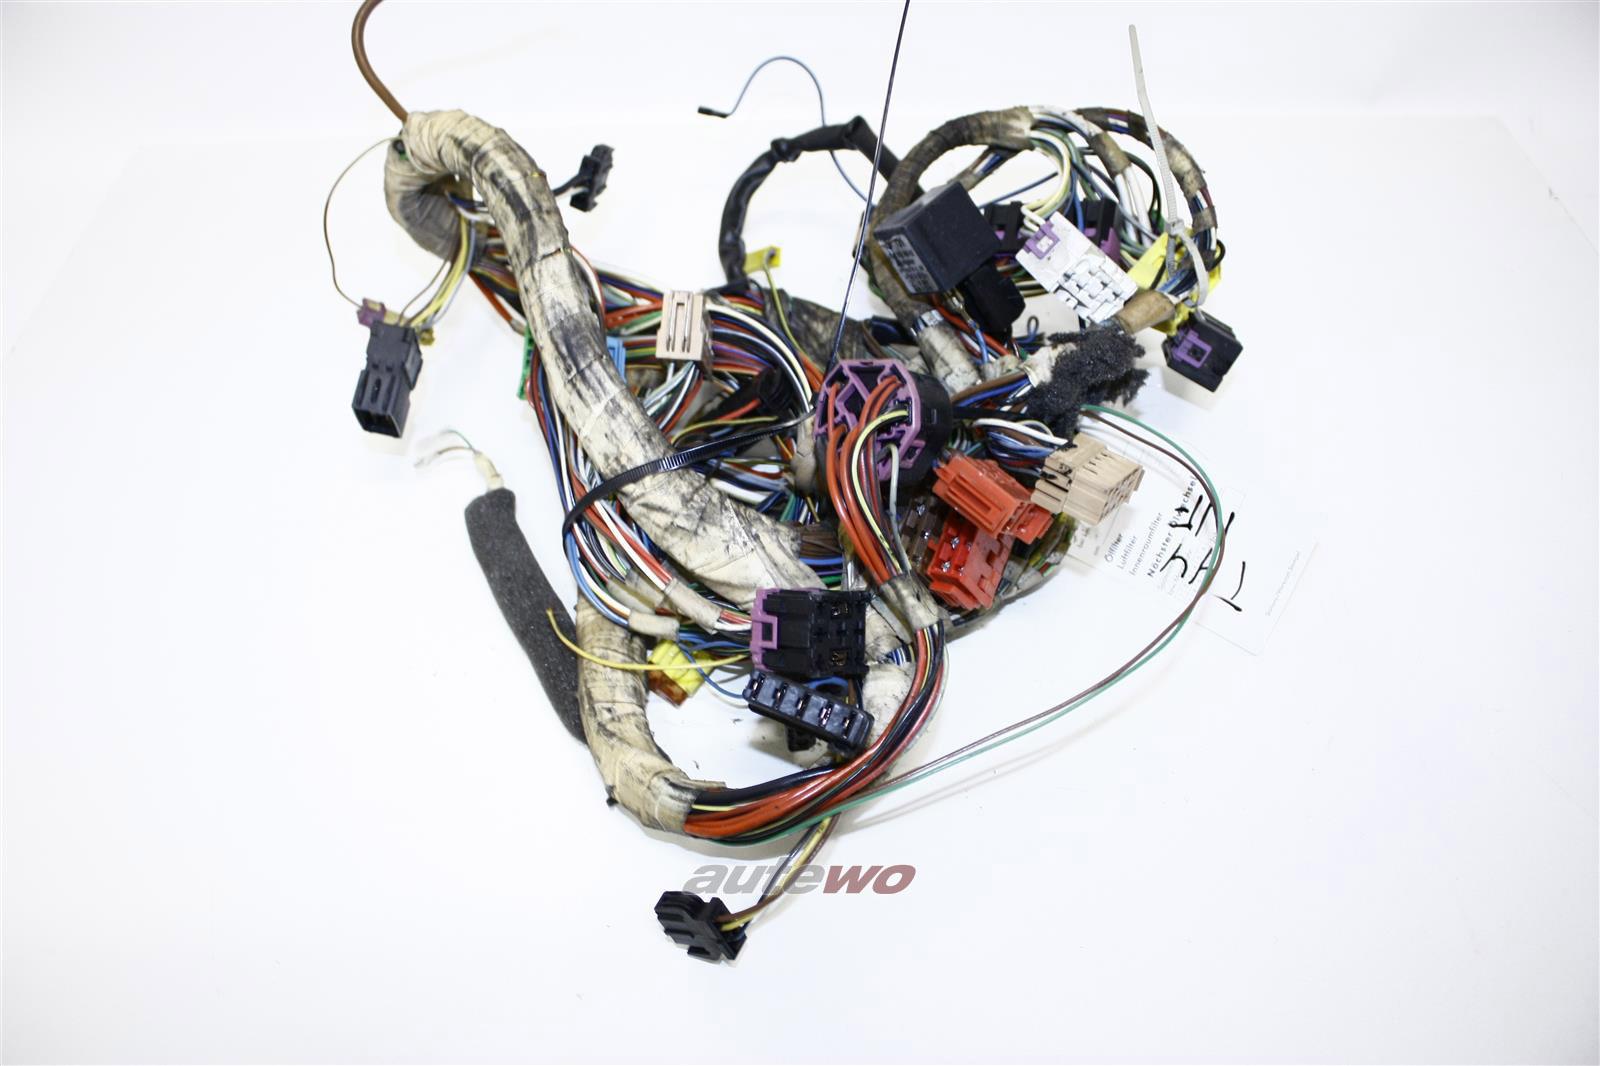 Audi 100 Typ 44 5 Zylinder Kabelbaum Zentralelektrik Instrumente/Schalter/Armaturenbrett